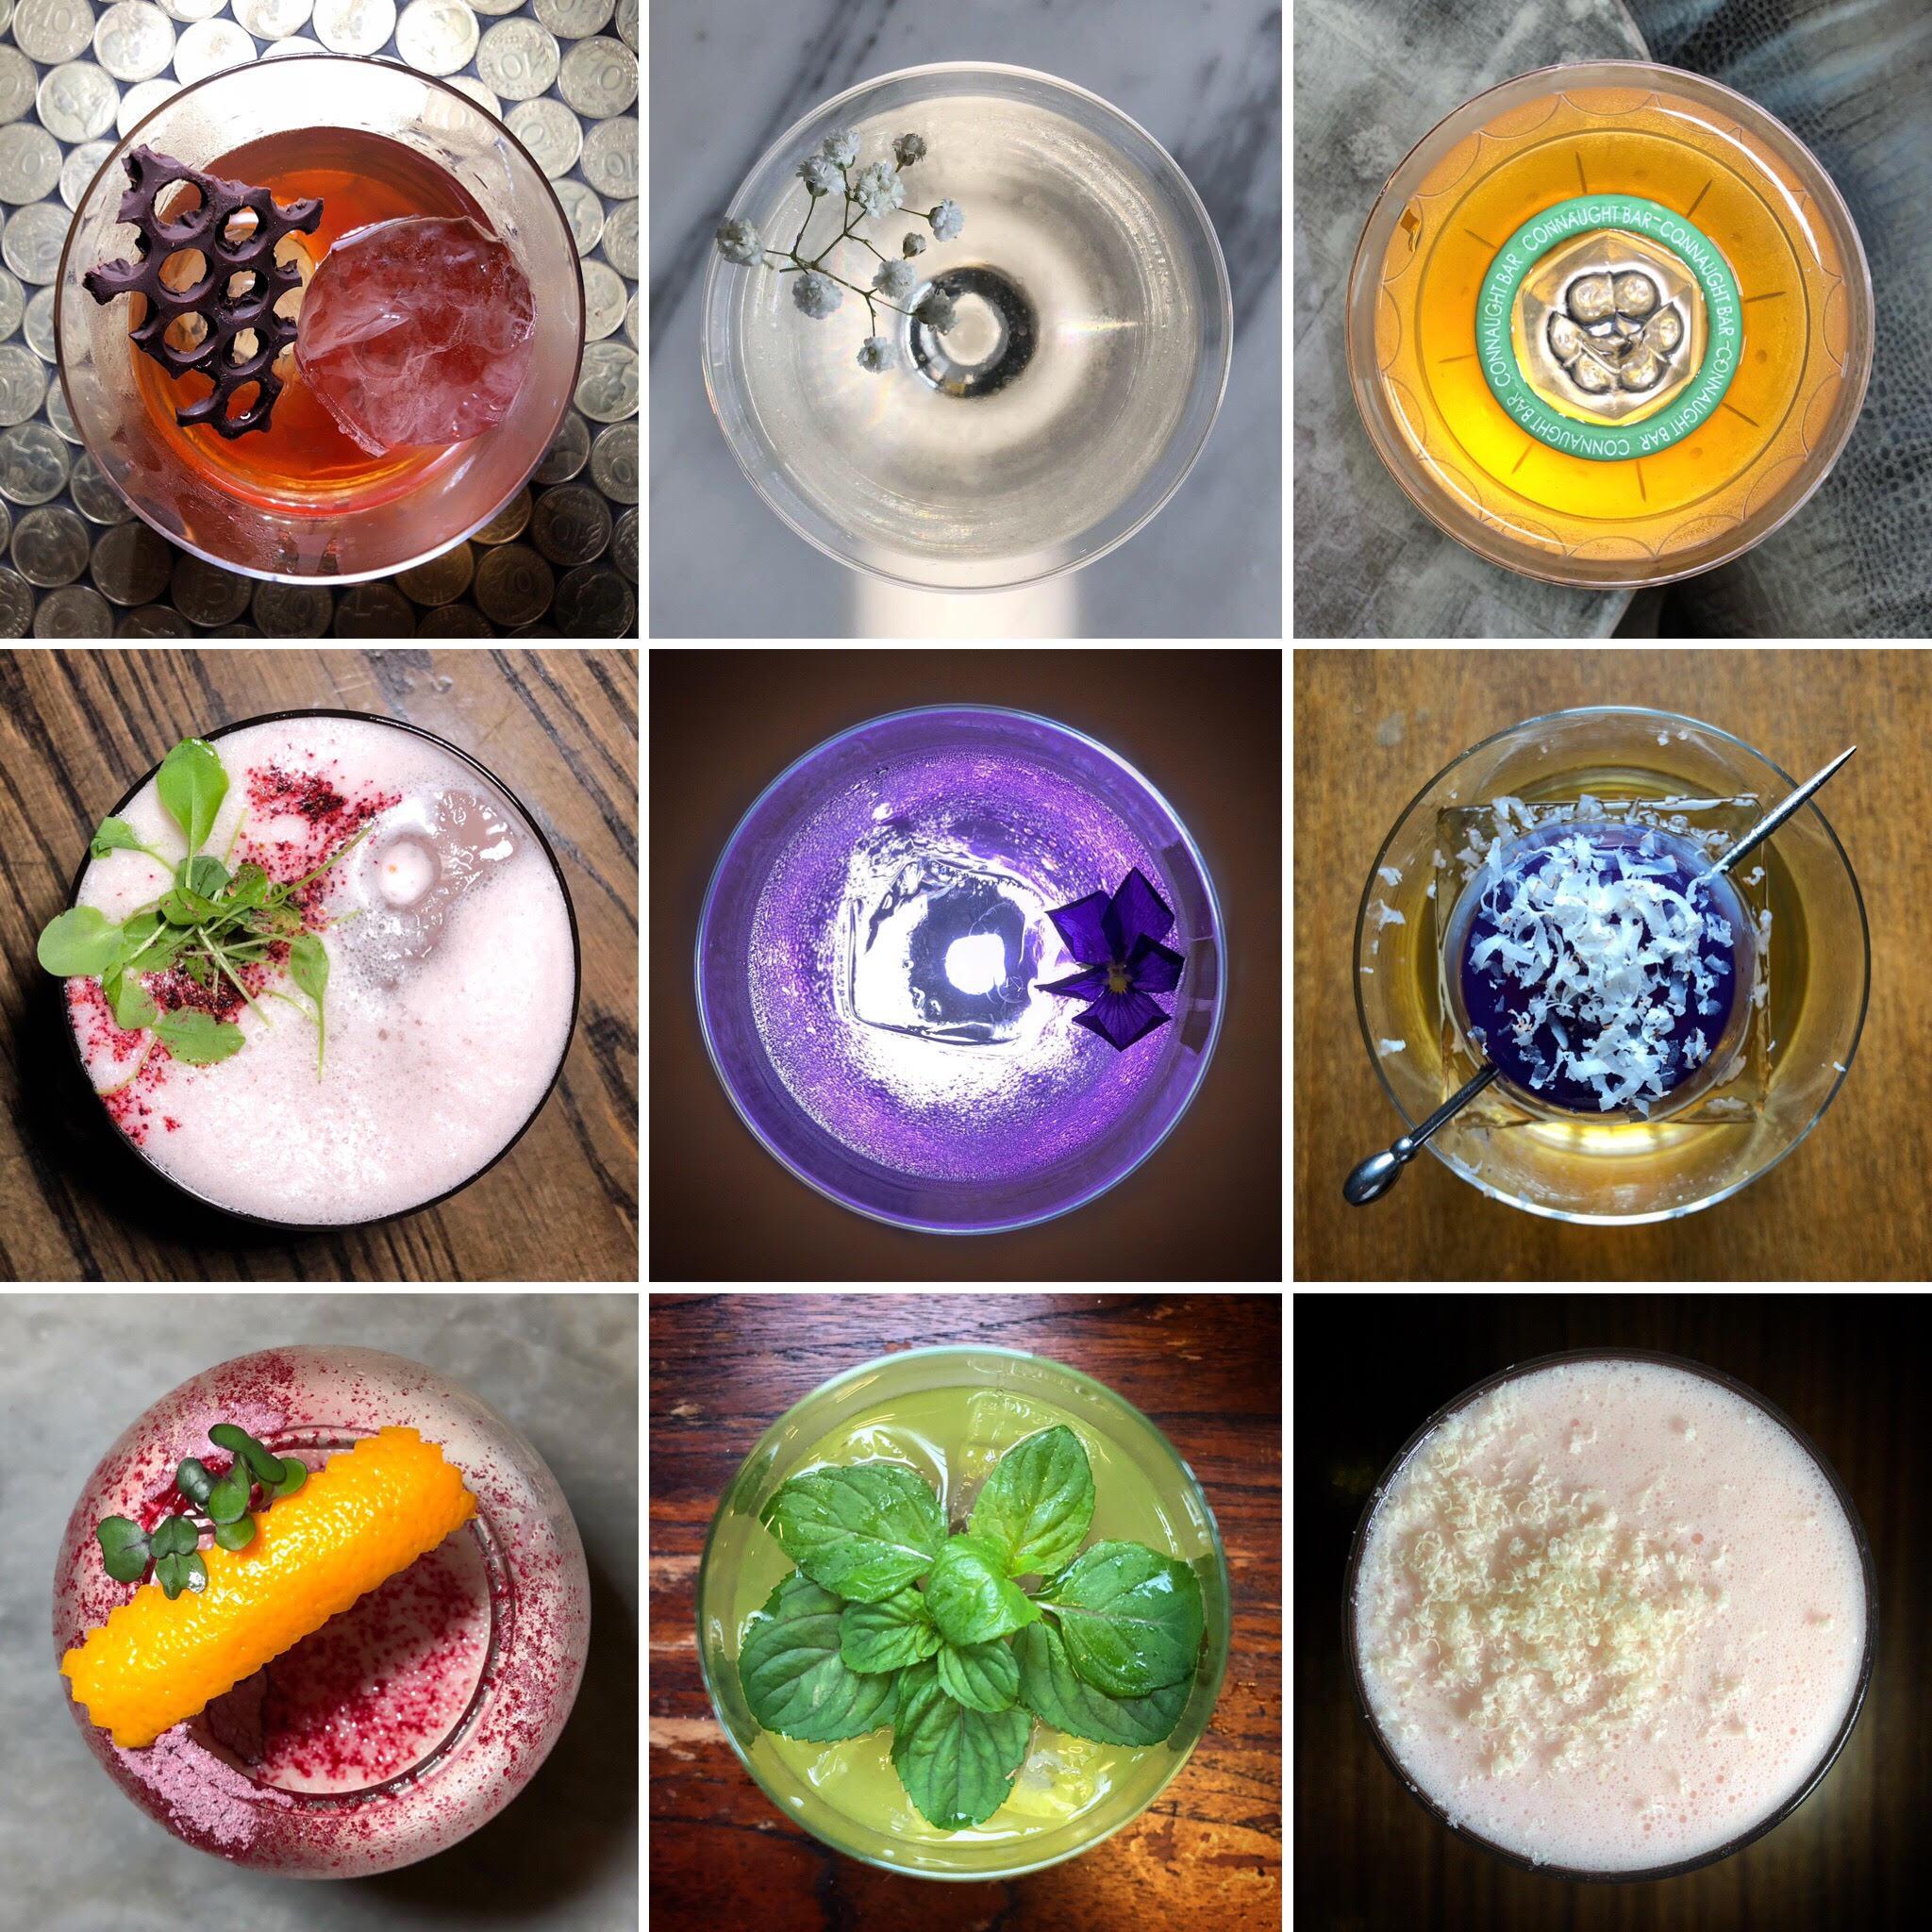 Sur Instagram, LeCocktailConnoisseur a su développer sa propre ligne créative